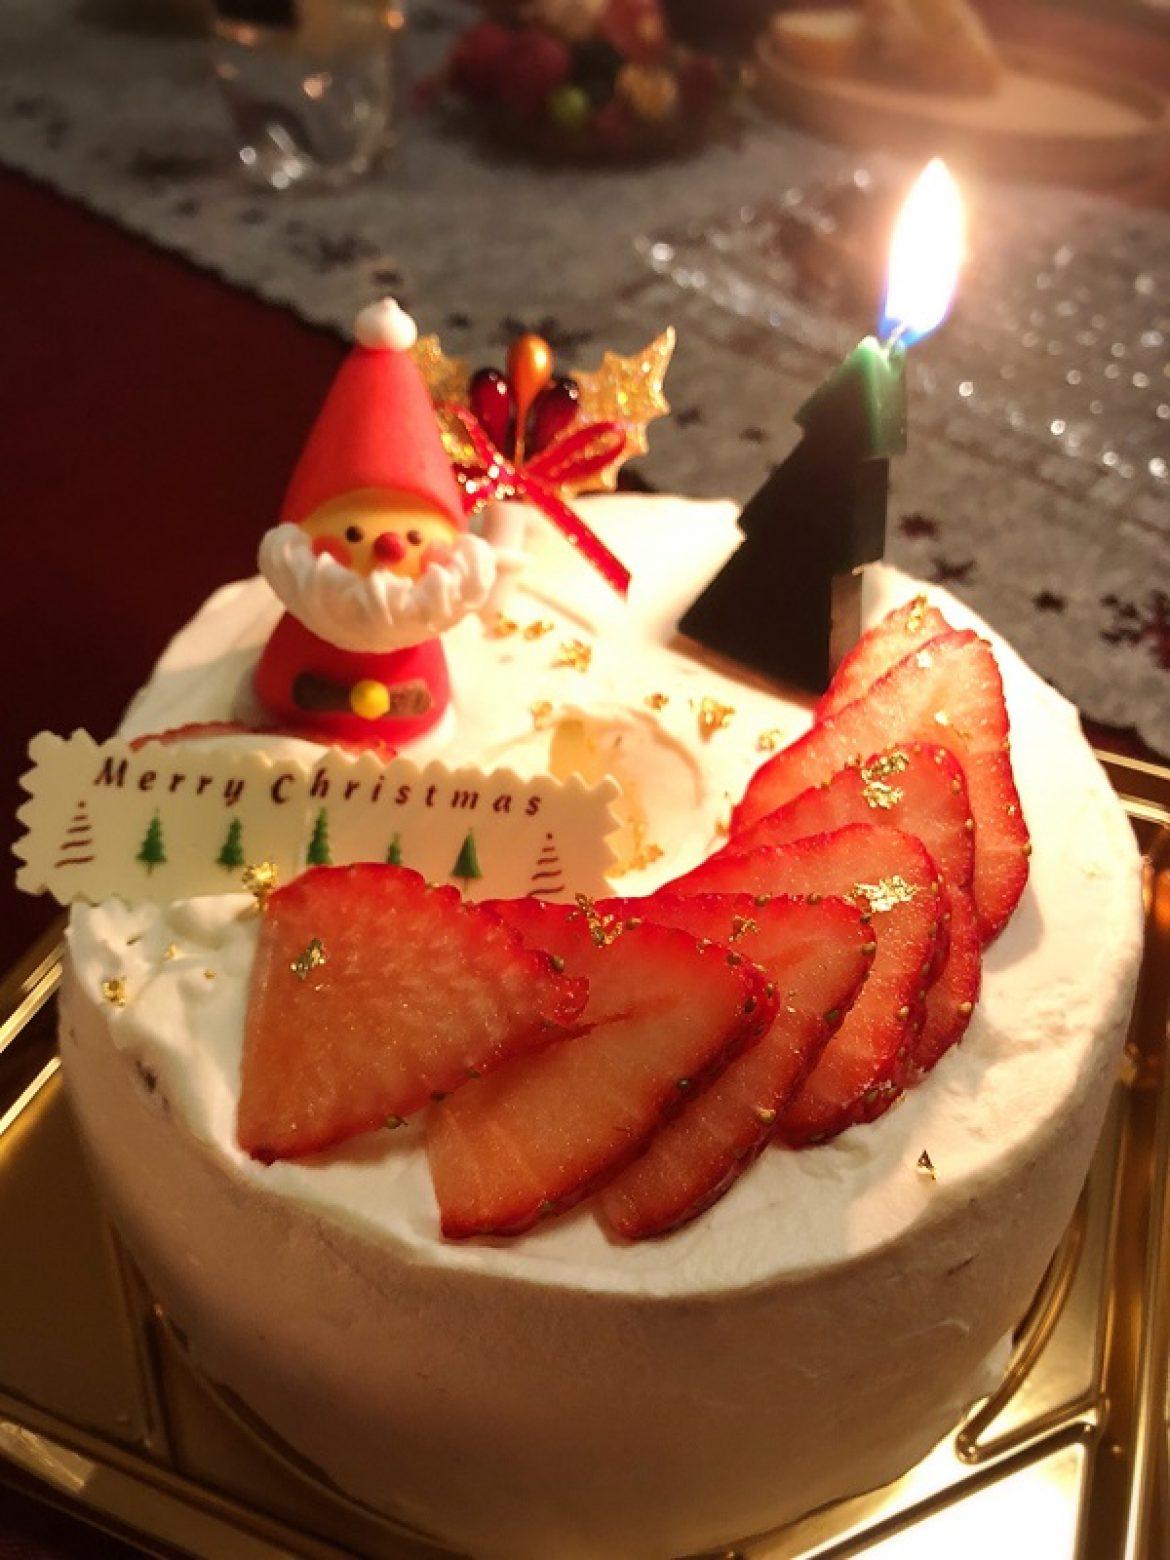 修了生の方からシフォンケーキで作った素敵なクリスマスケーキのお写真を頂戴しました!